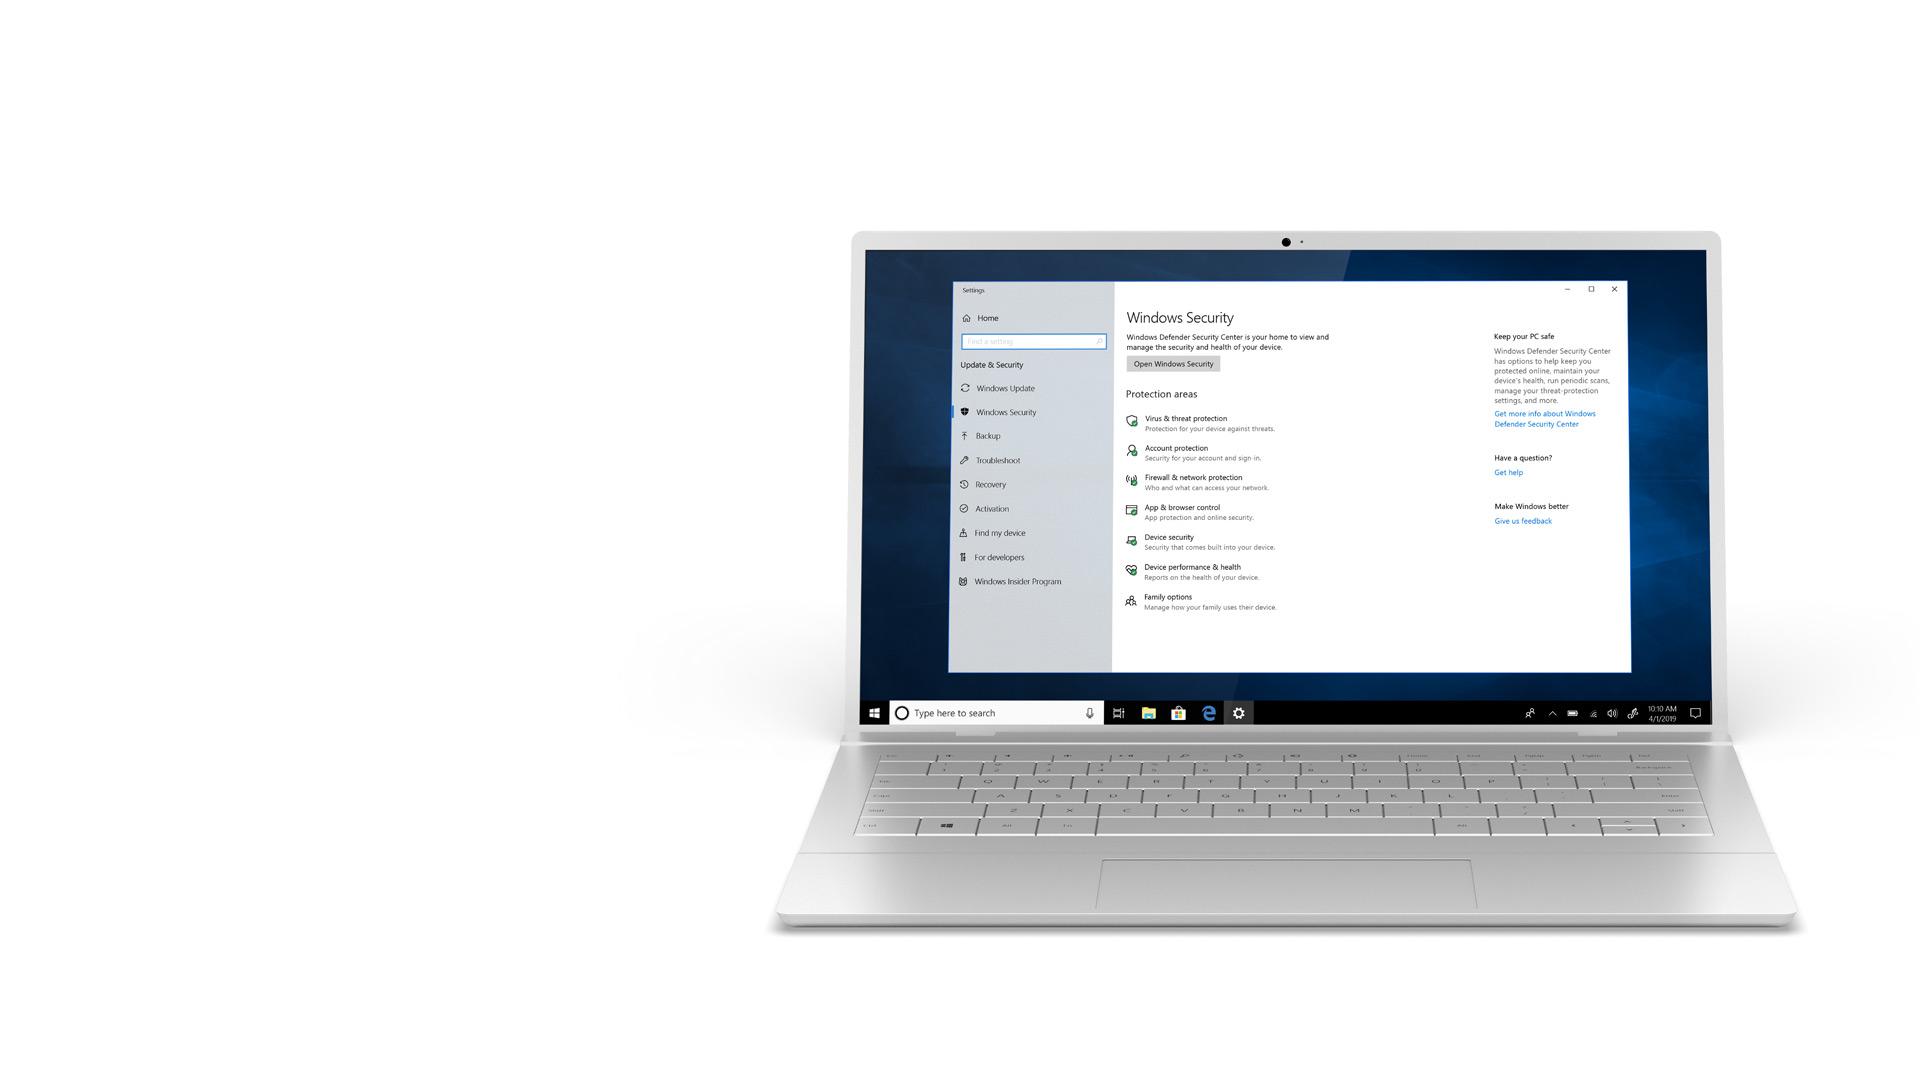 Windows 10 セキュリティセンター画面を表示する Windows 10 ノート PC